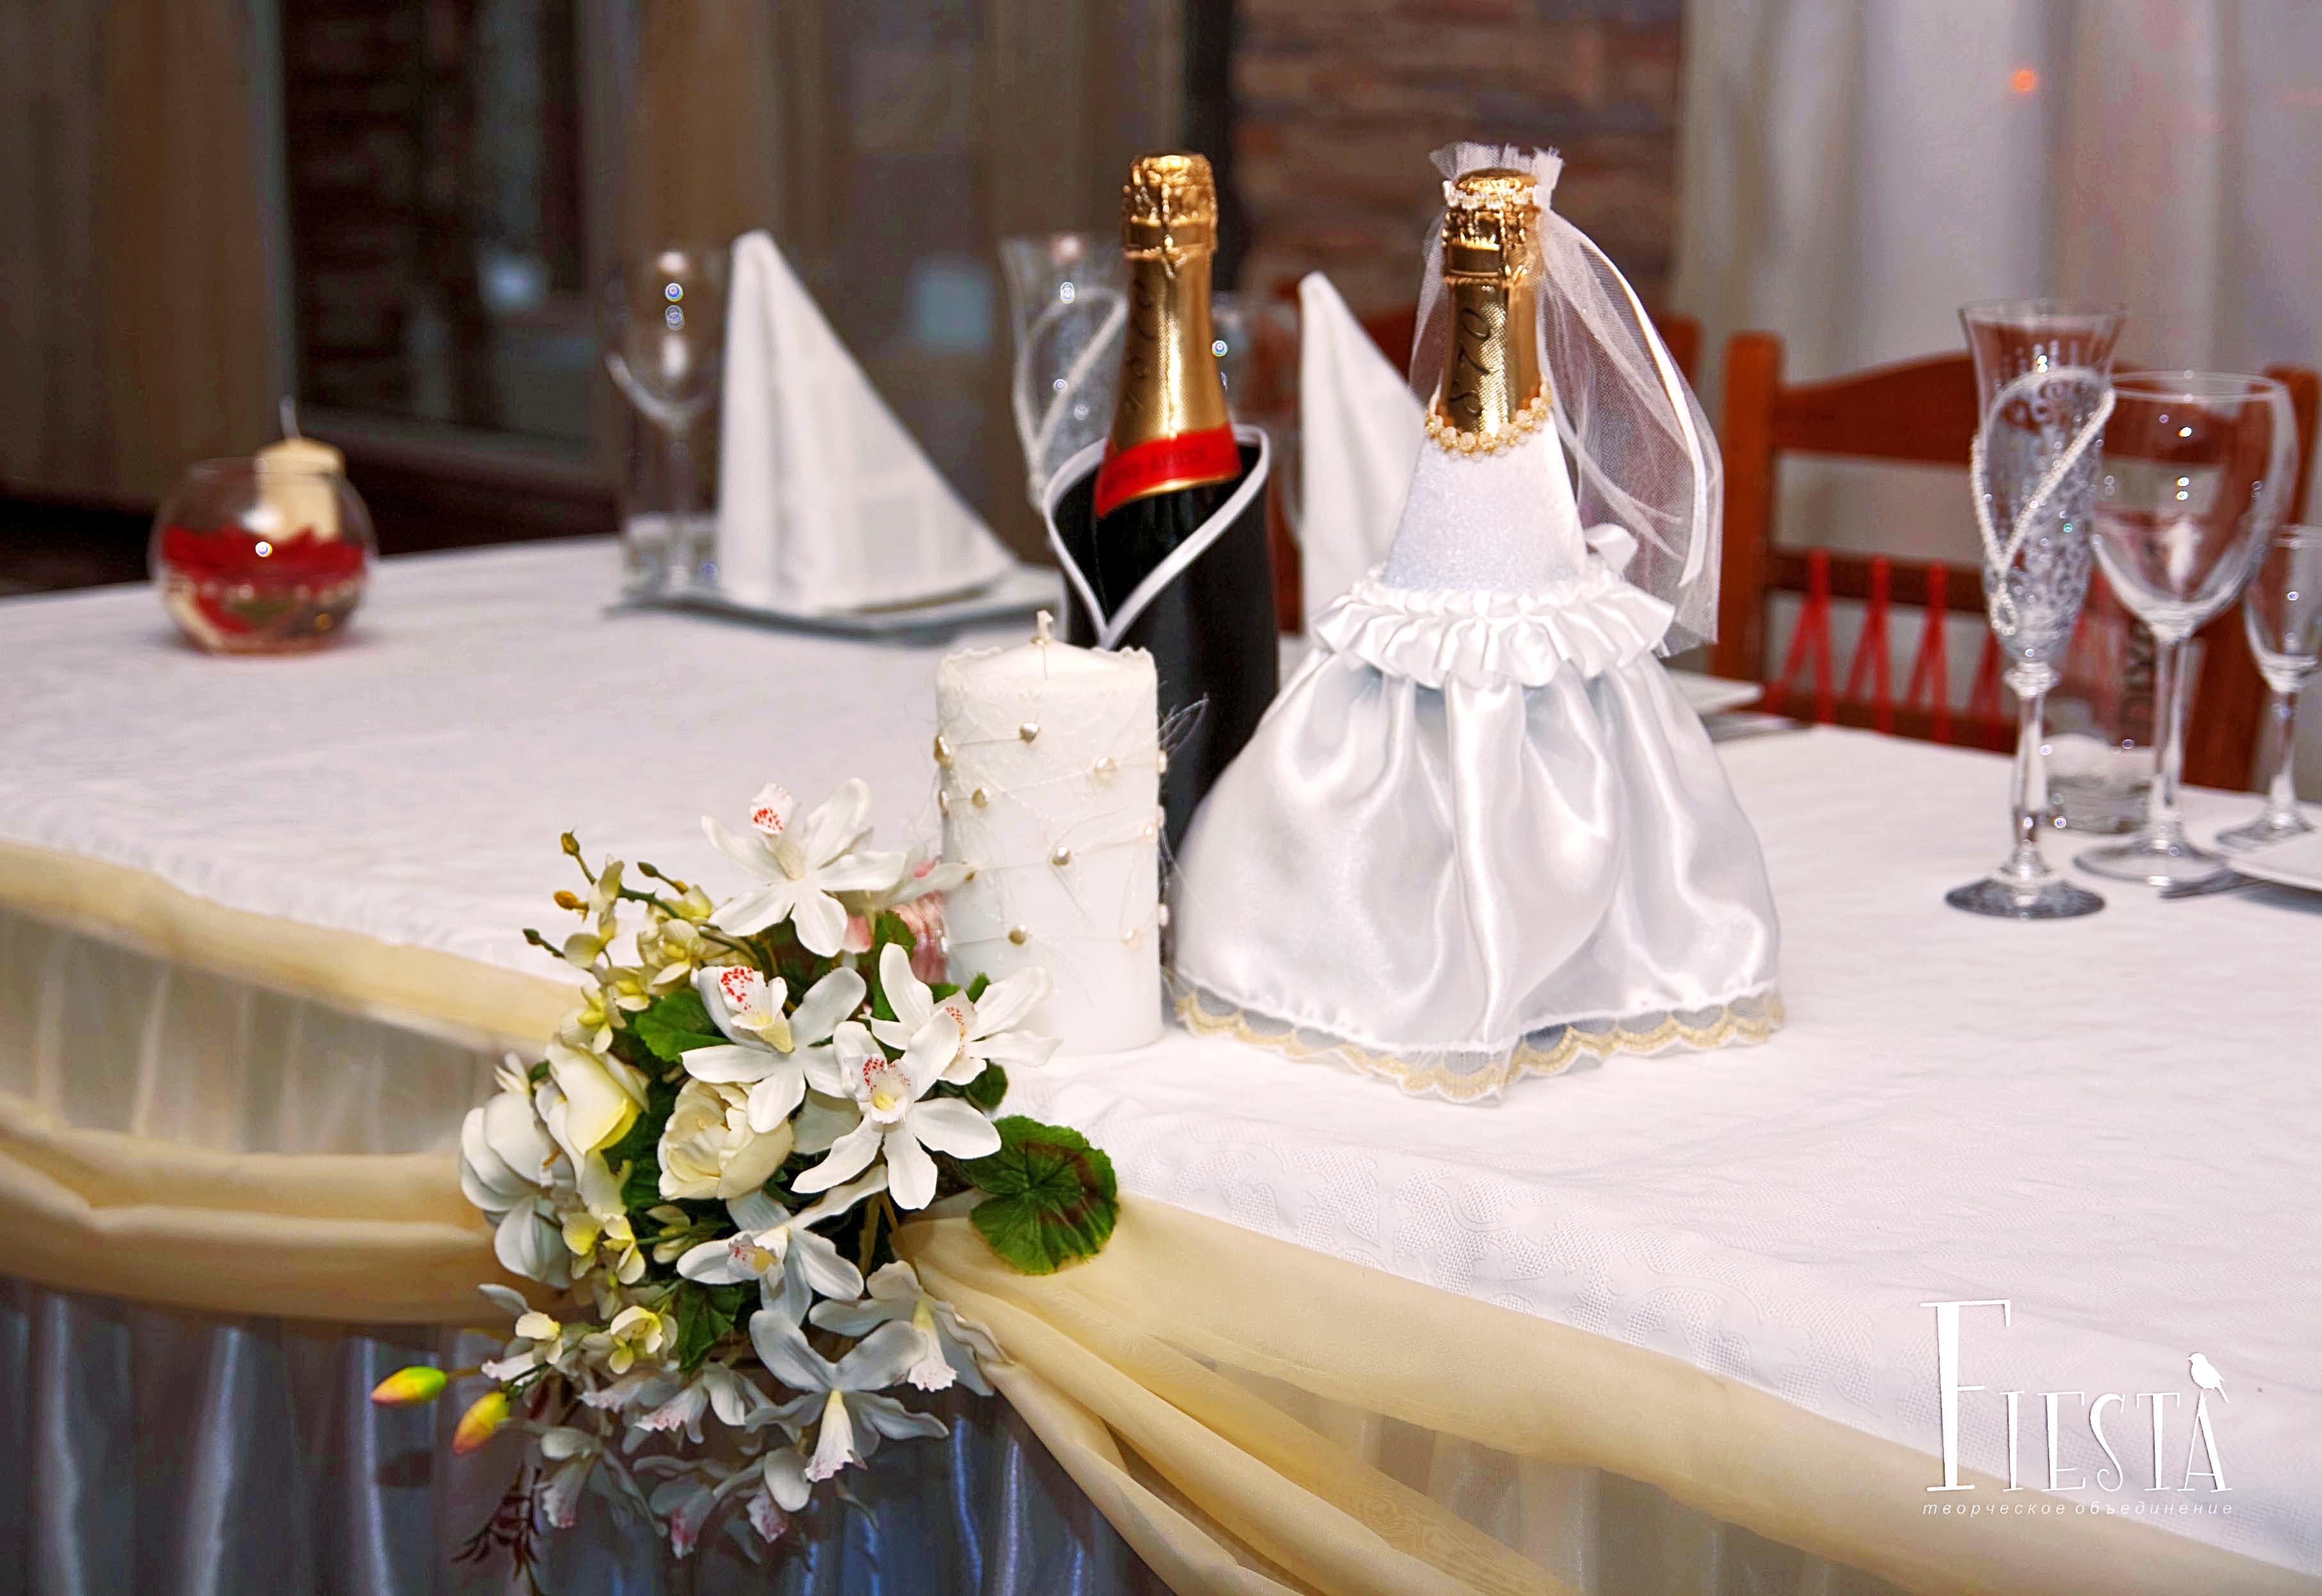 Организация и проведение, дизайн и оформление свадьбы